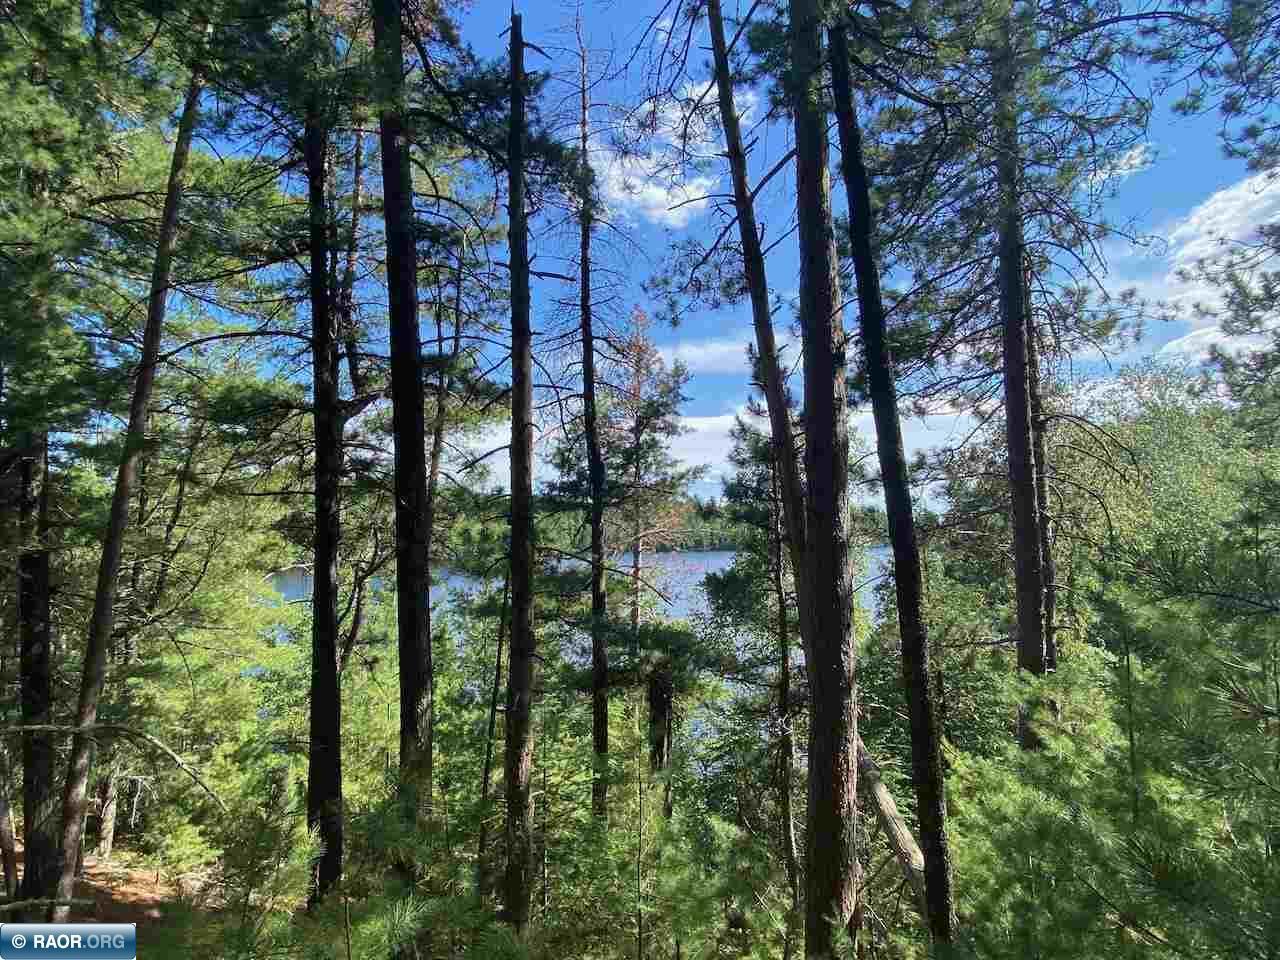 TBD Genore Trail, Orr, MN 55723